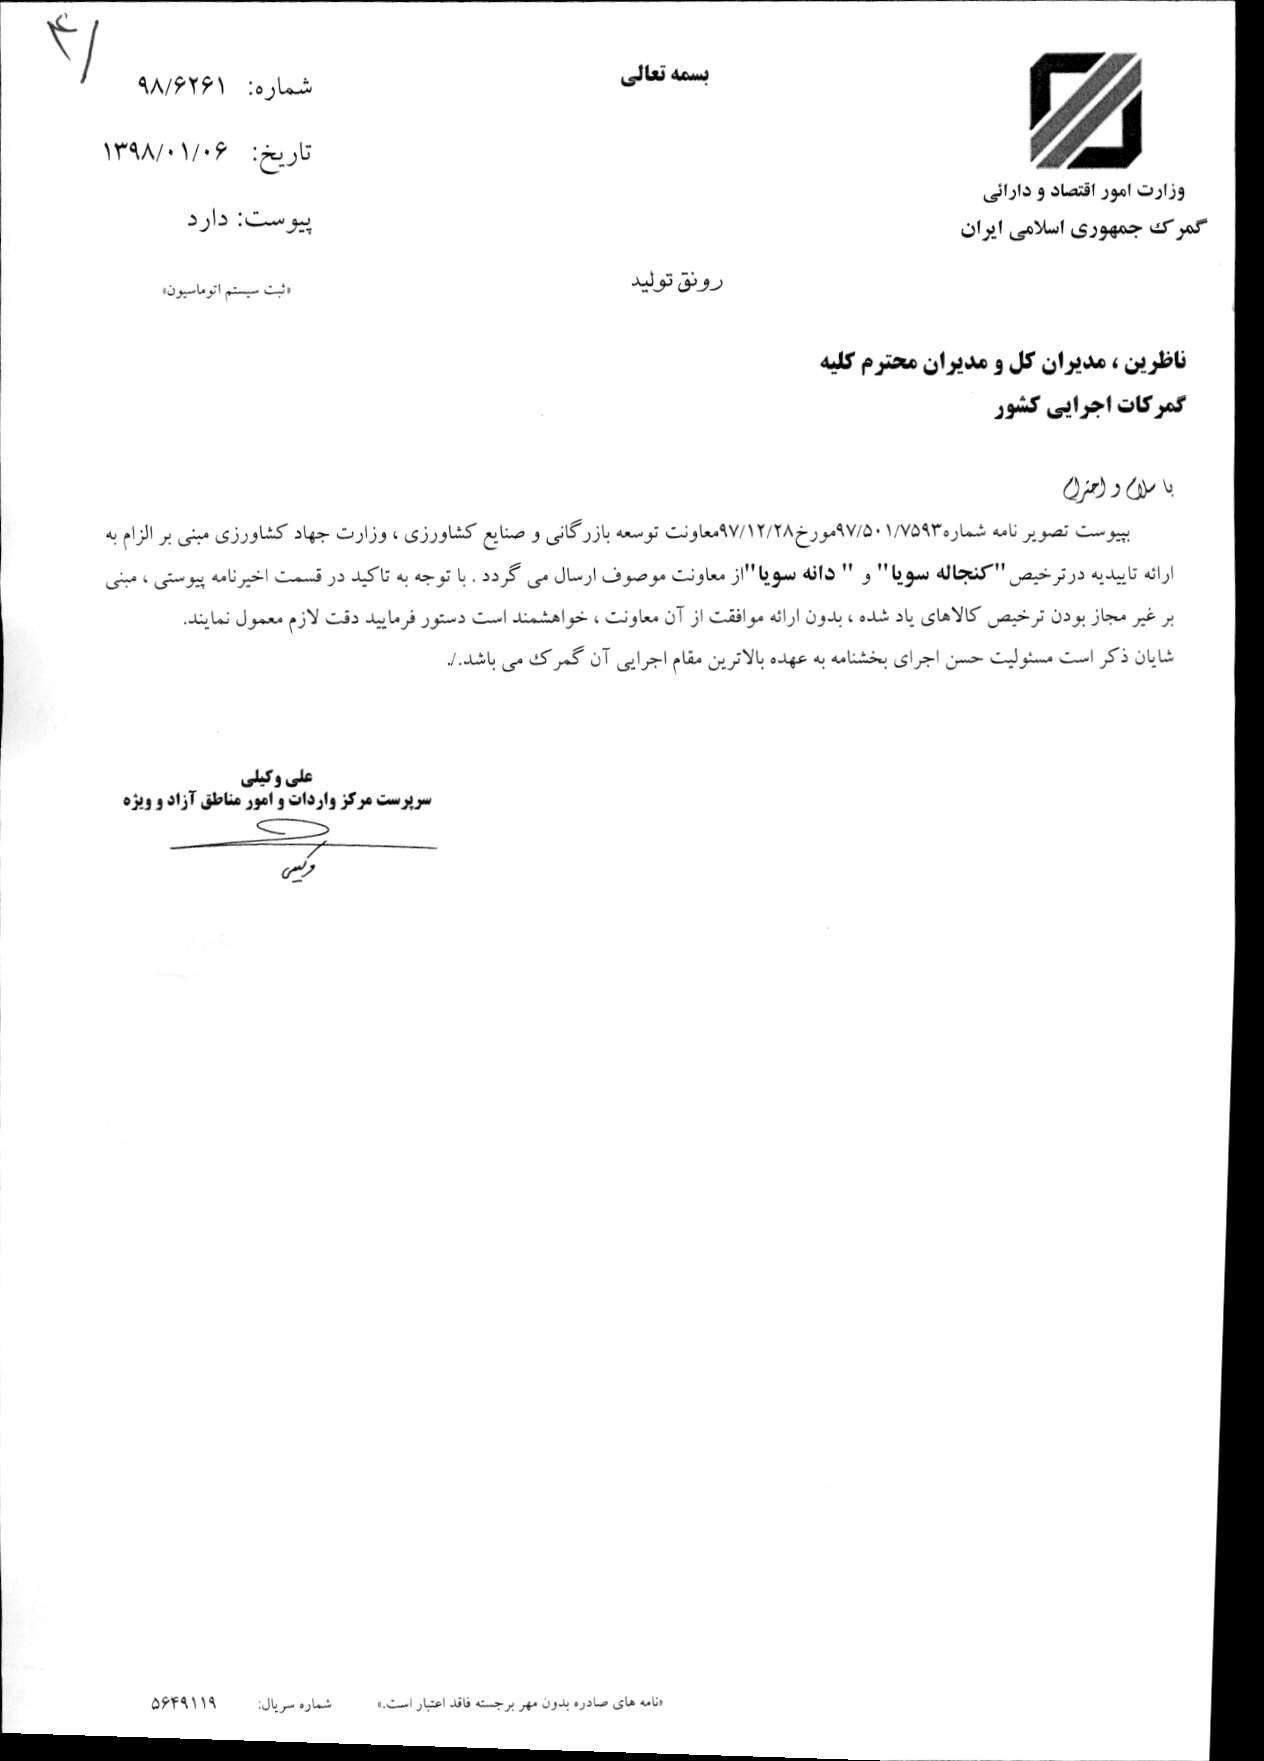 واردات سویا بدون اجازه وزارت جهاد کشاورزی ممنوع شد